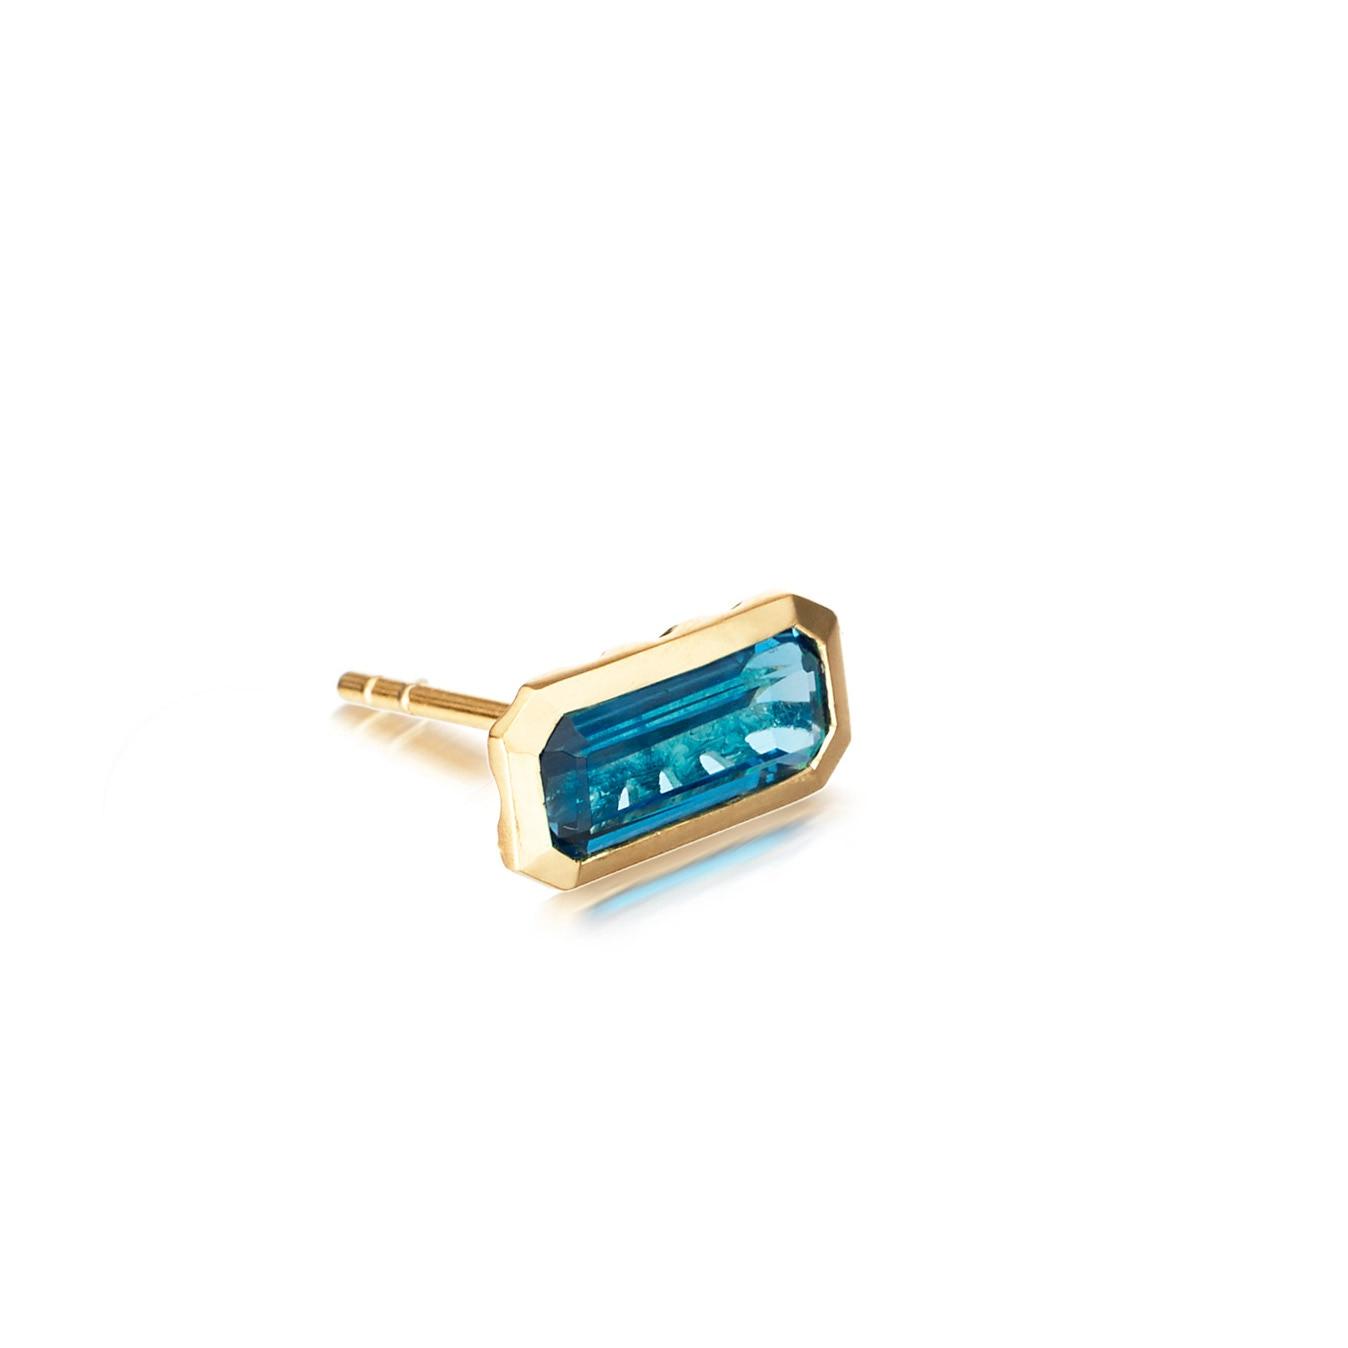 Single London Blue Topaz Prismic Stud Earring